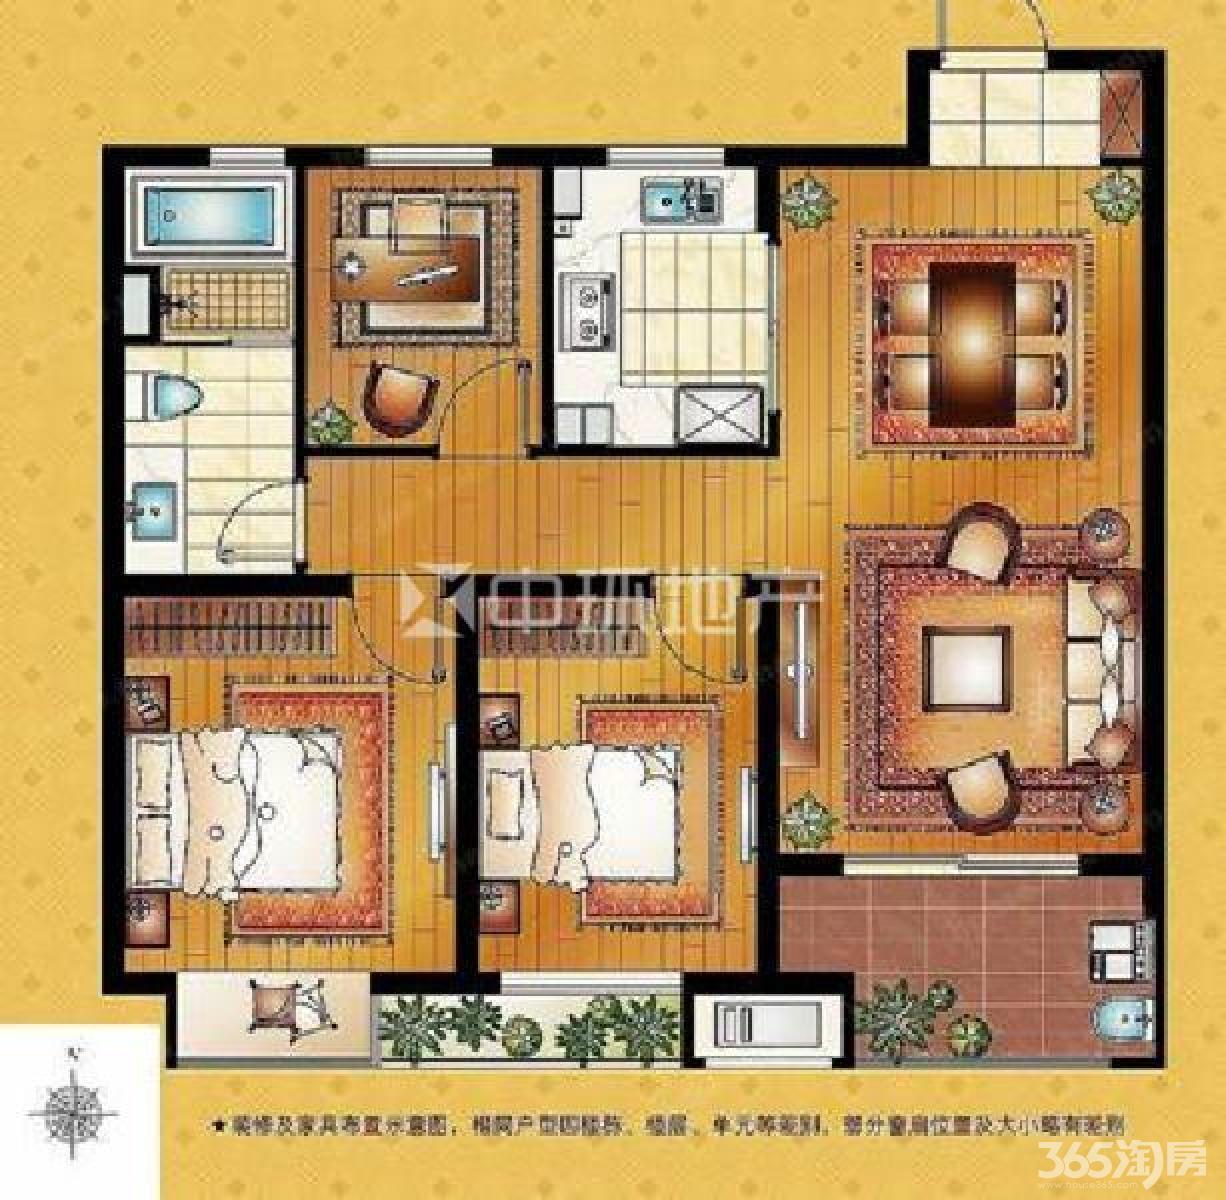 栖霞区仙林湖万科金色领域3室2厅户型图